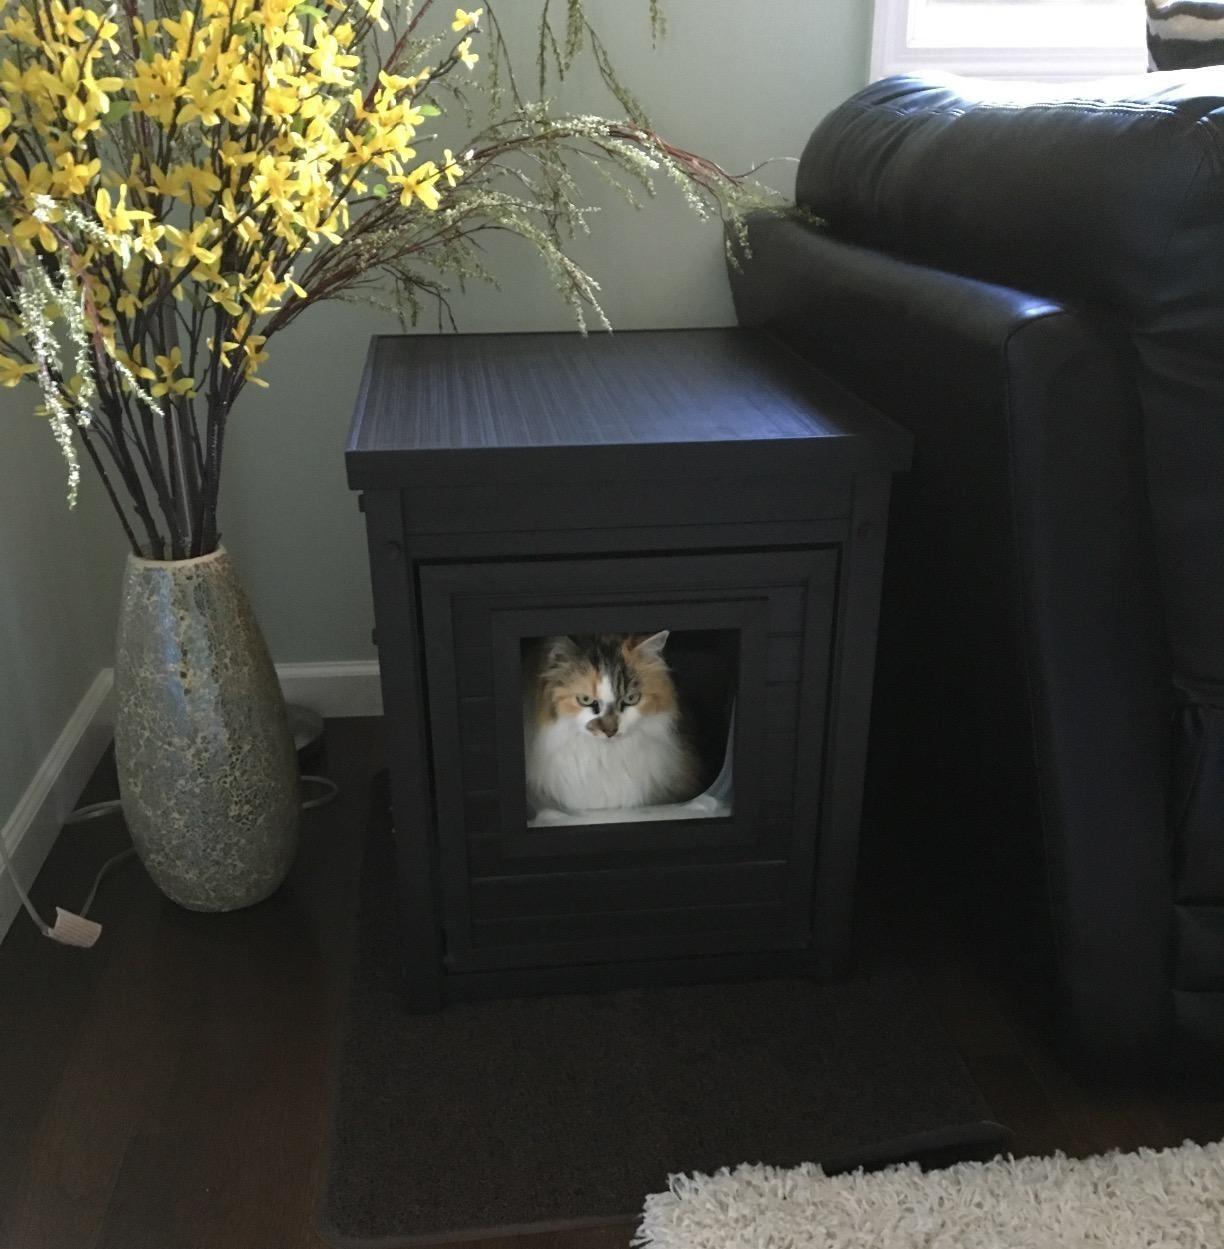 A cat inside the black enclosure